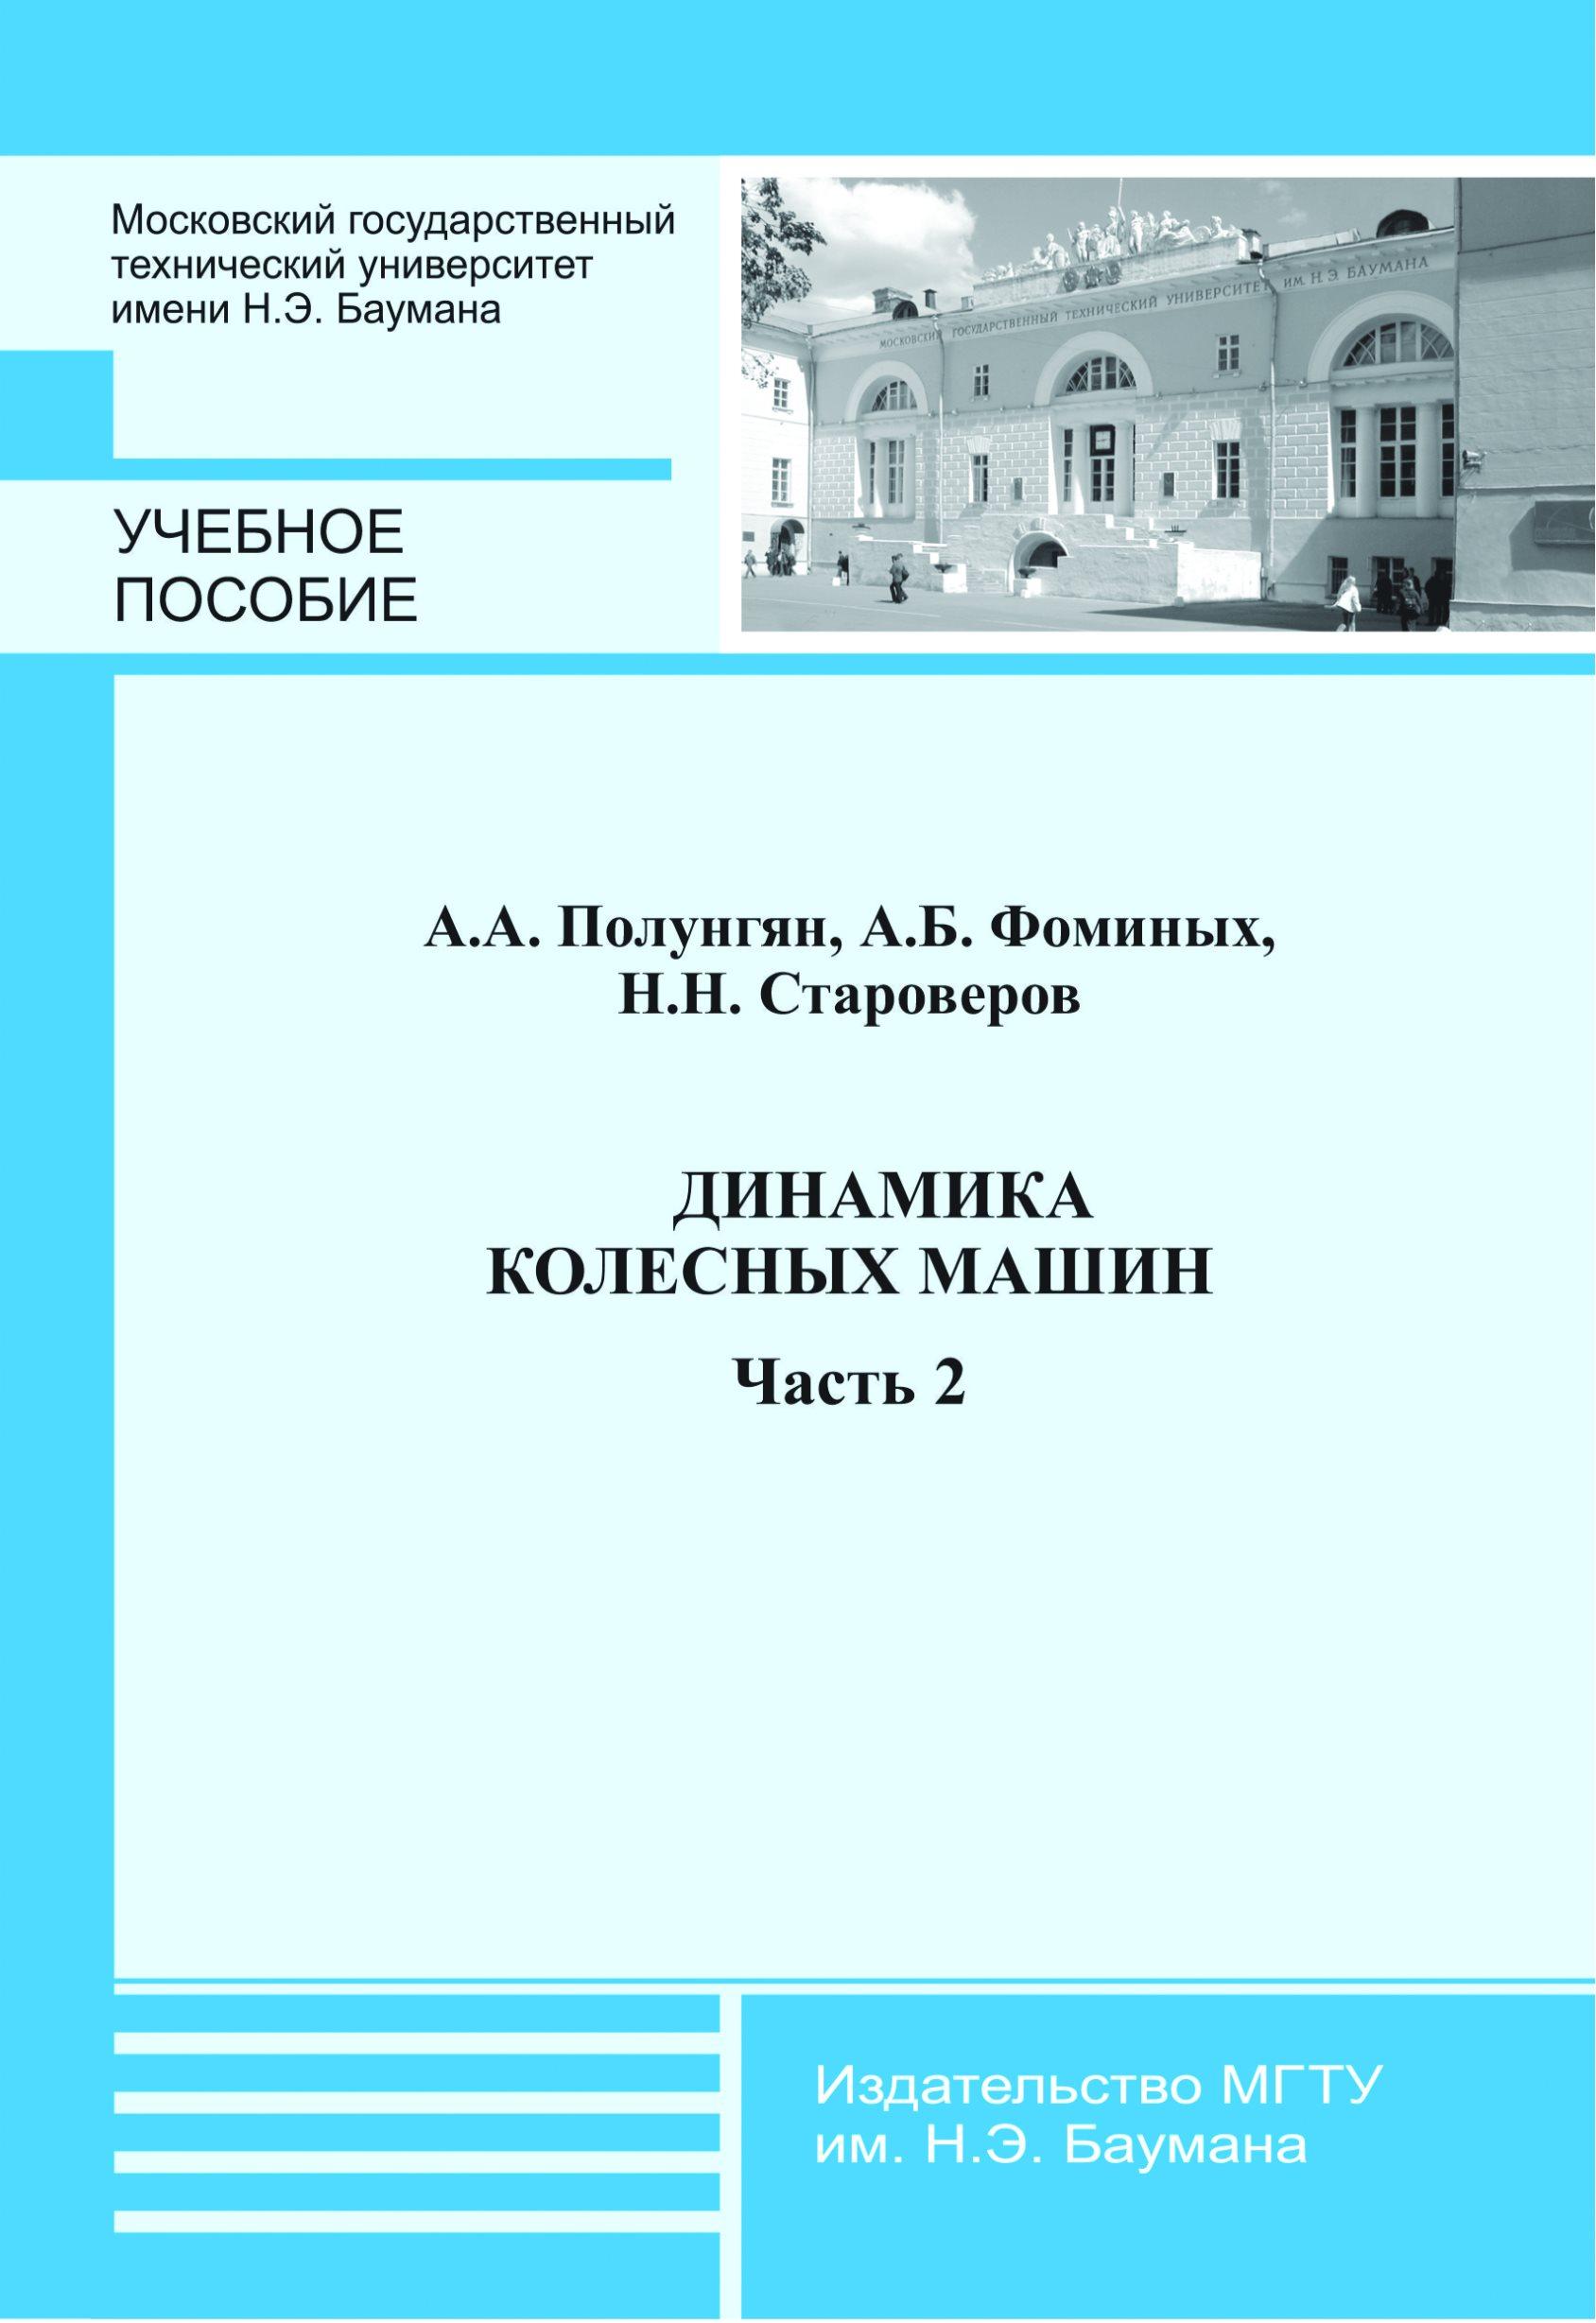 Аркадий Полунгян Динамика колесных машин. Часть 2 цена